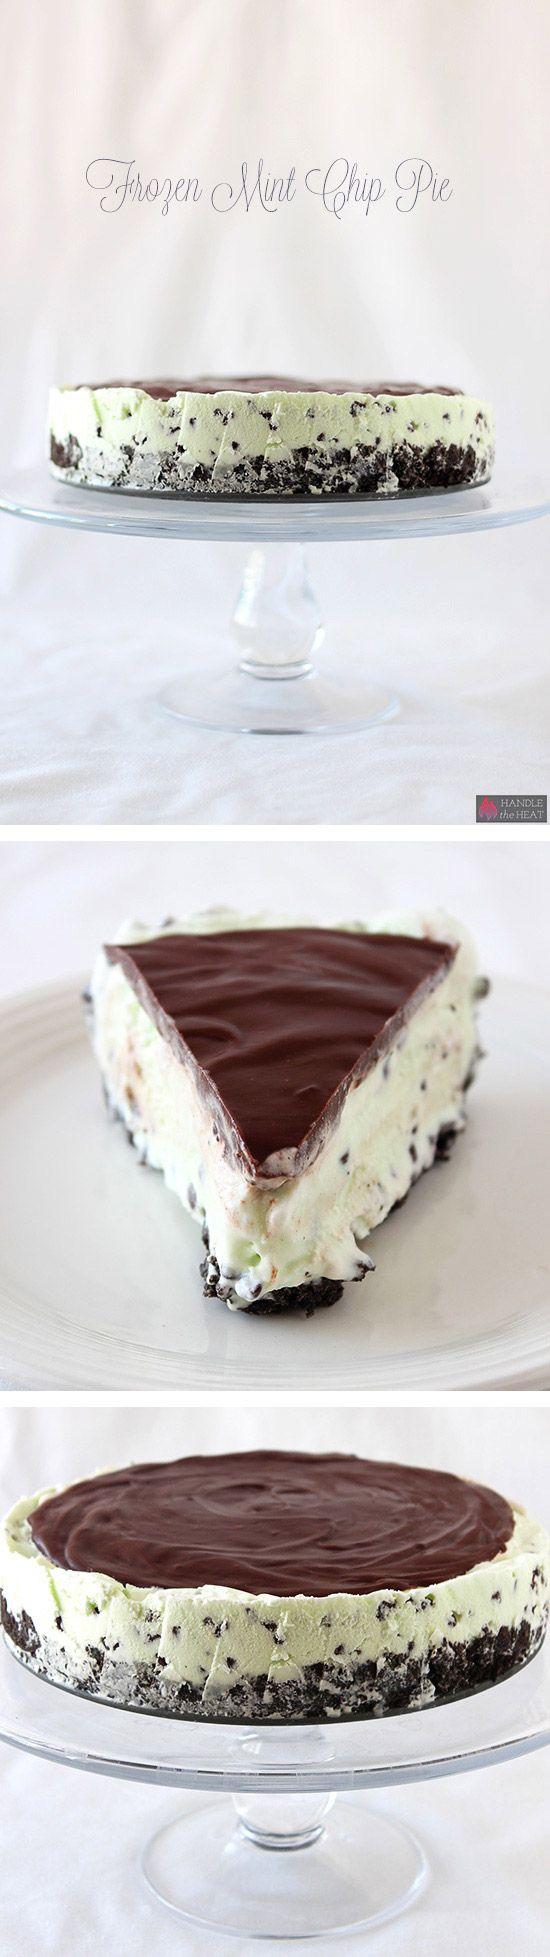 Frozen Mint Chocolate Chip Pie - our go-to summer dessert recipe!